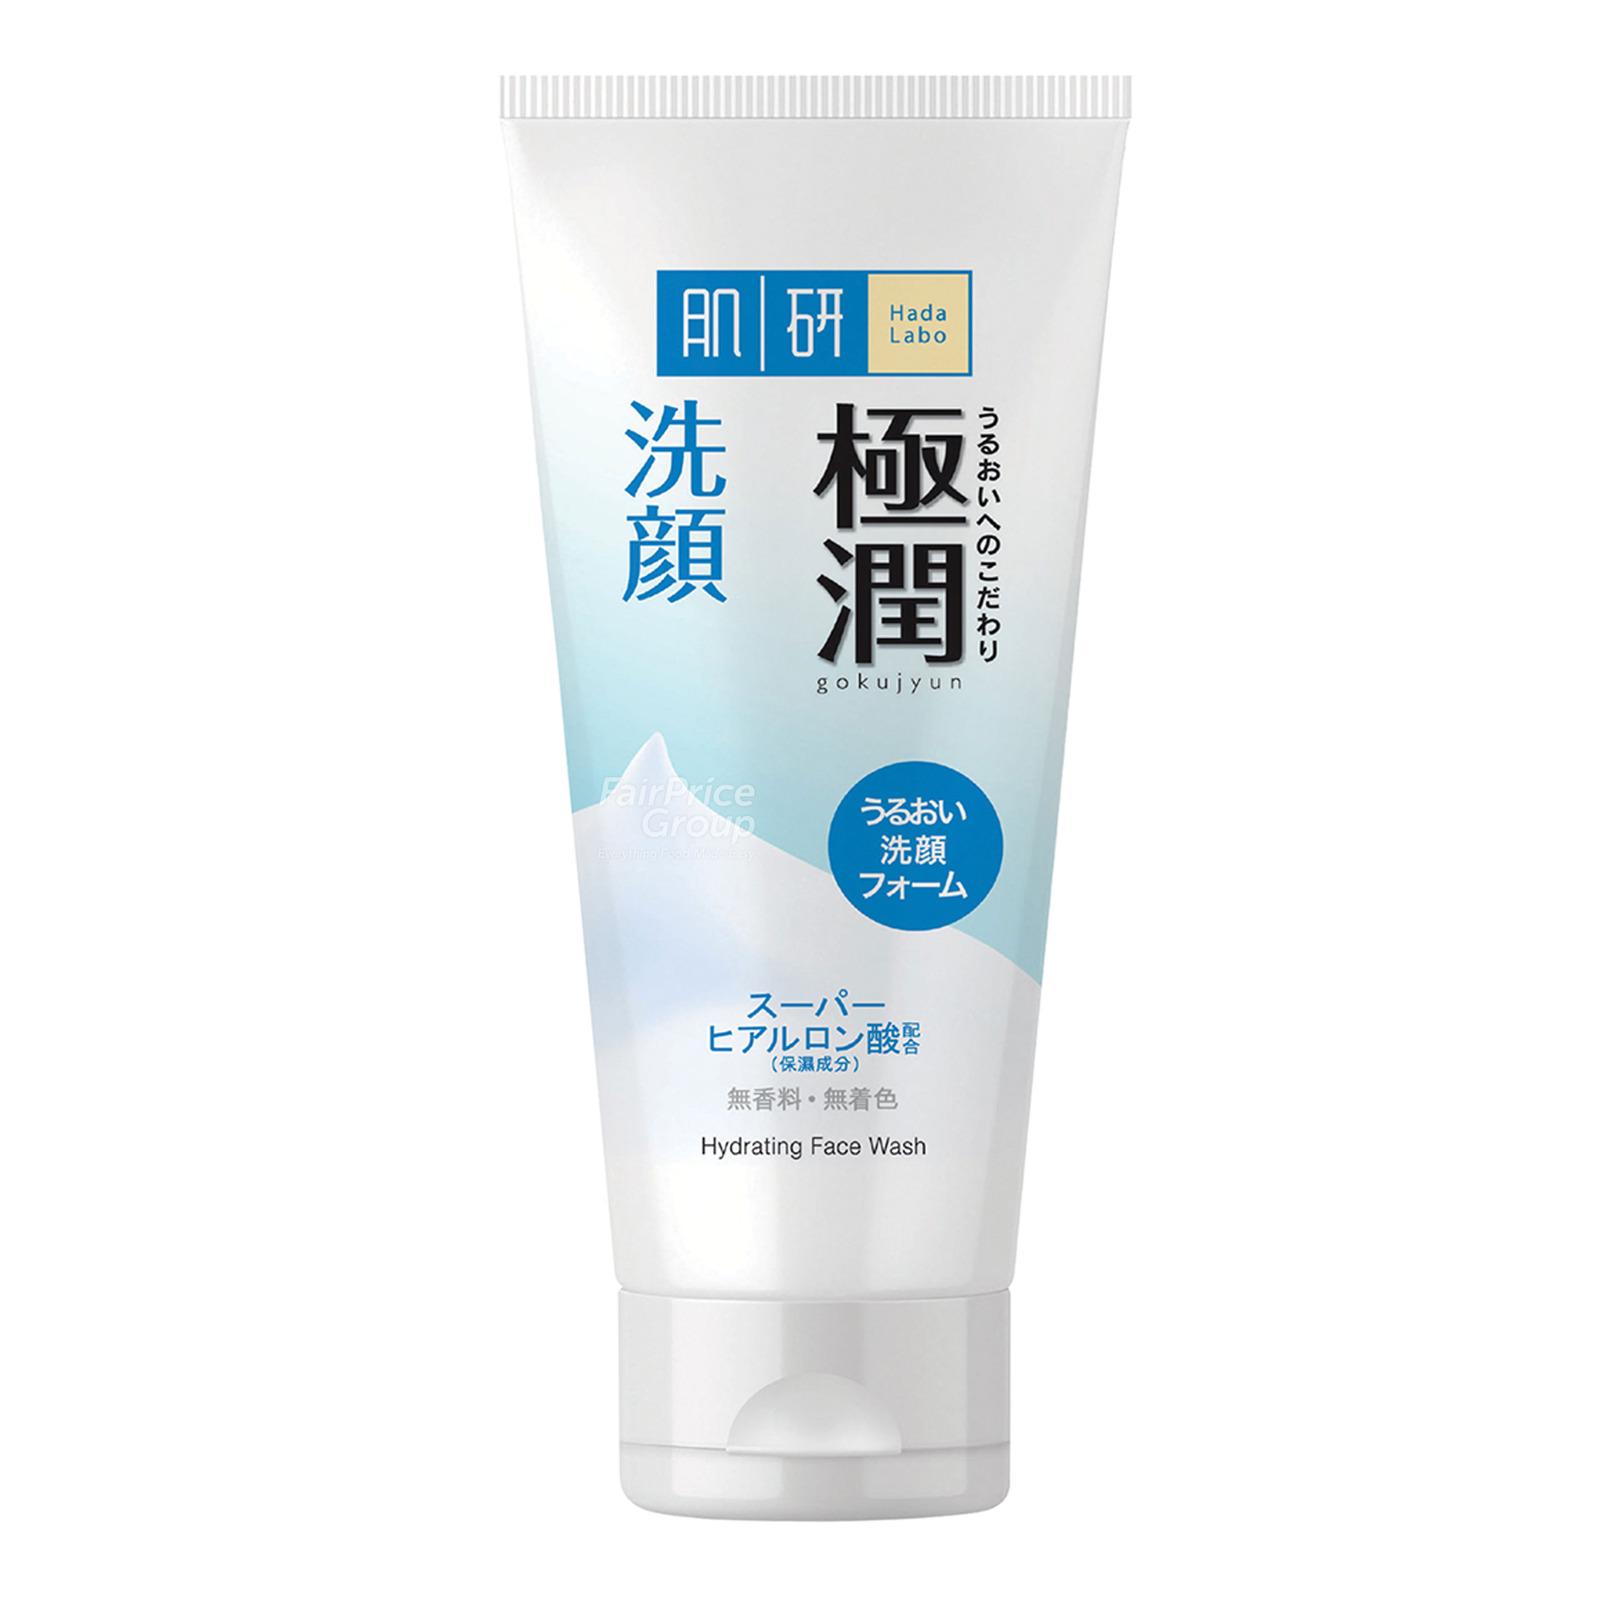 Hada Labo Face Wash - Hydrating